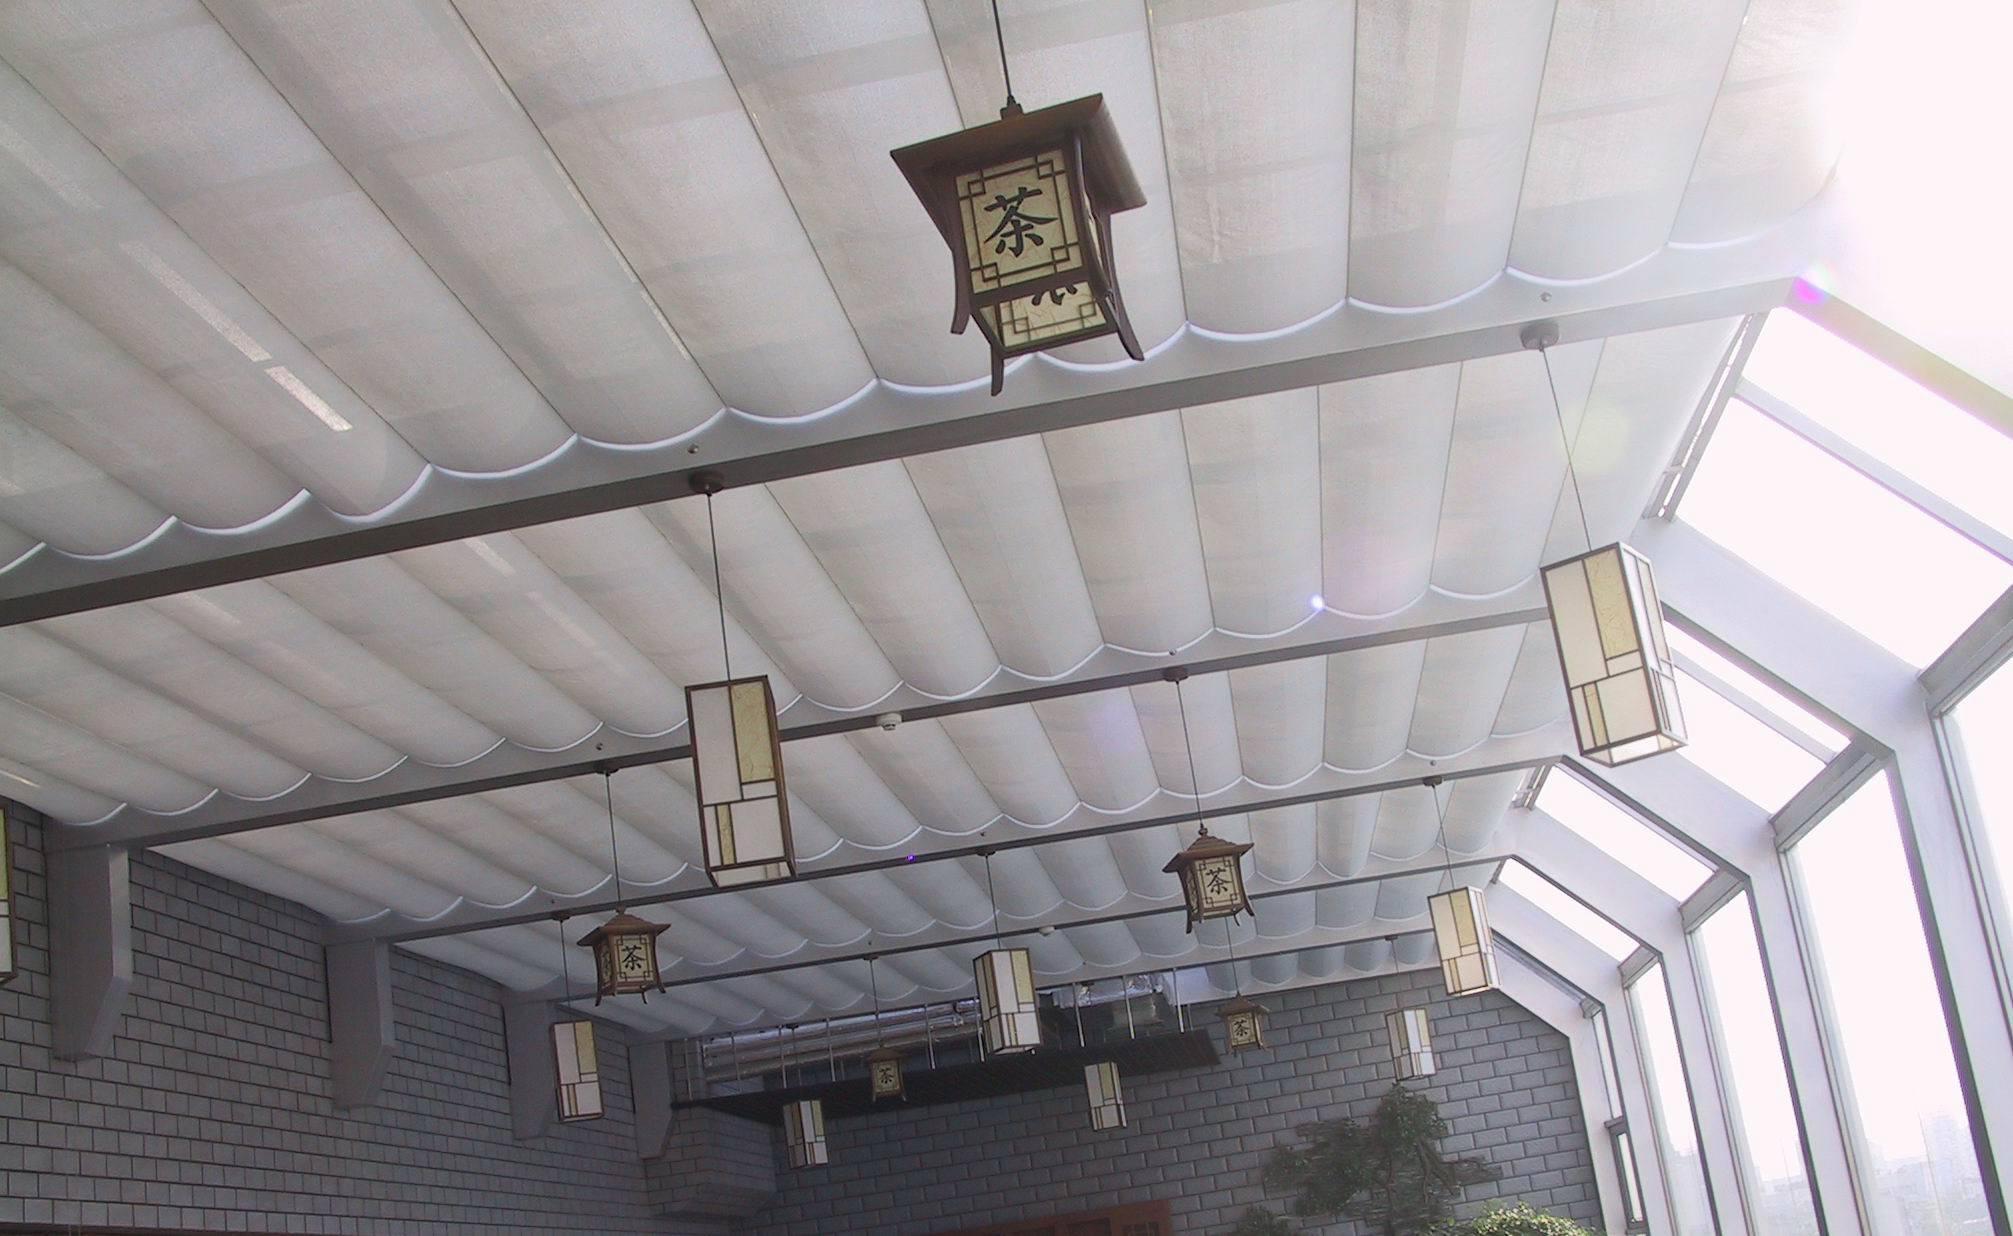 电动天棚帘在高处安装时要注意哪些安全要求?